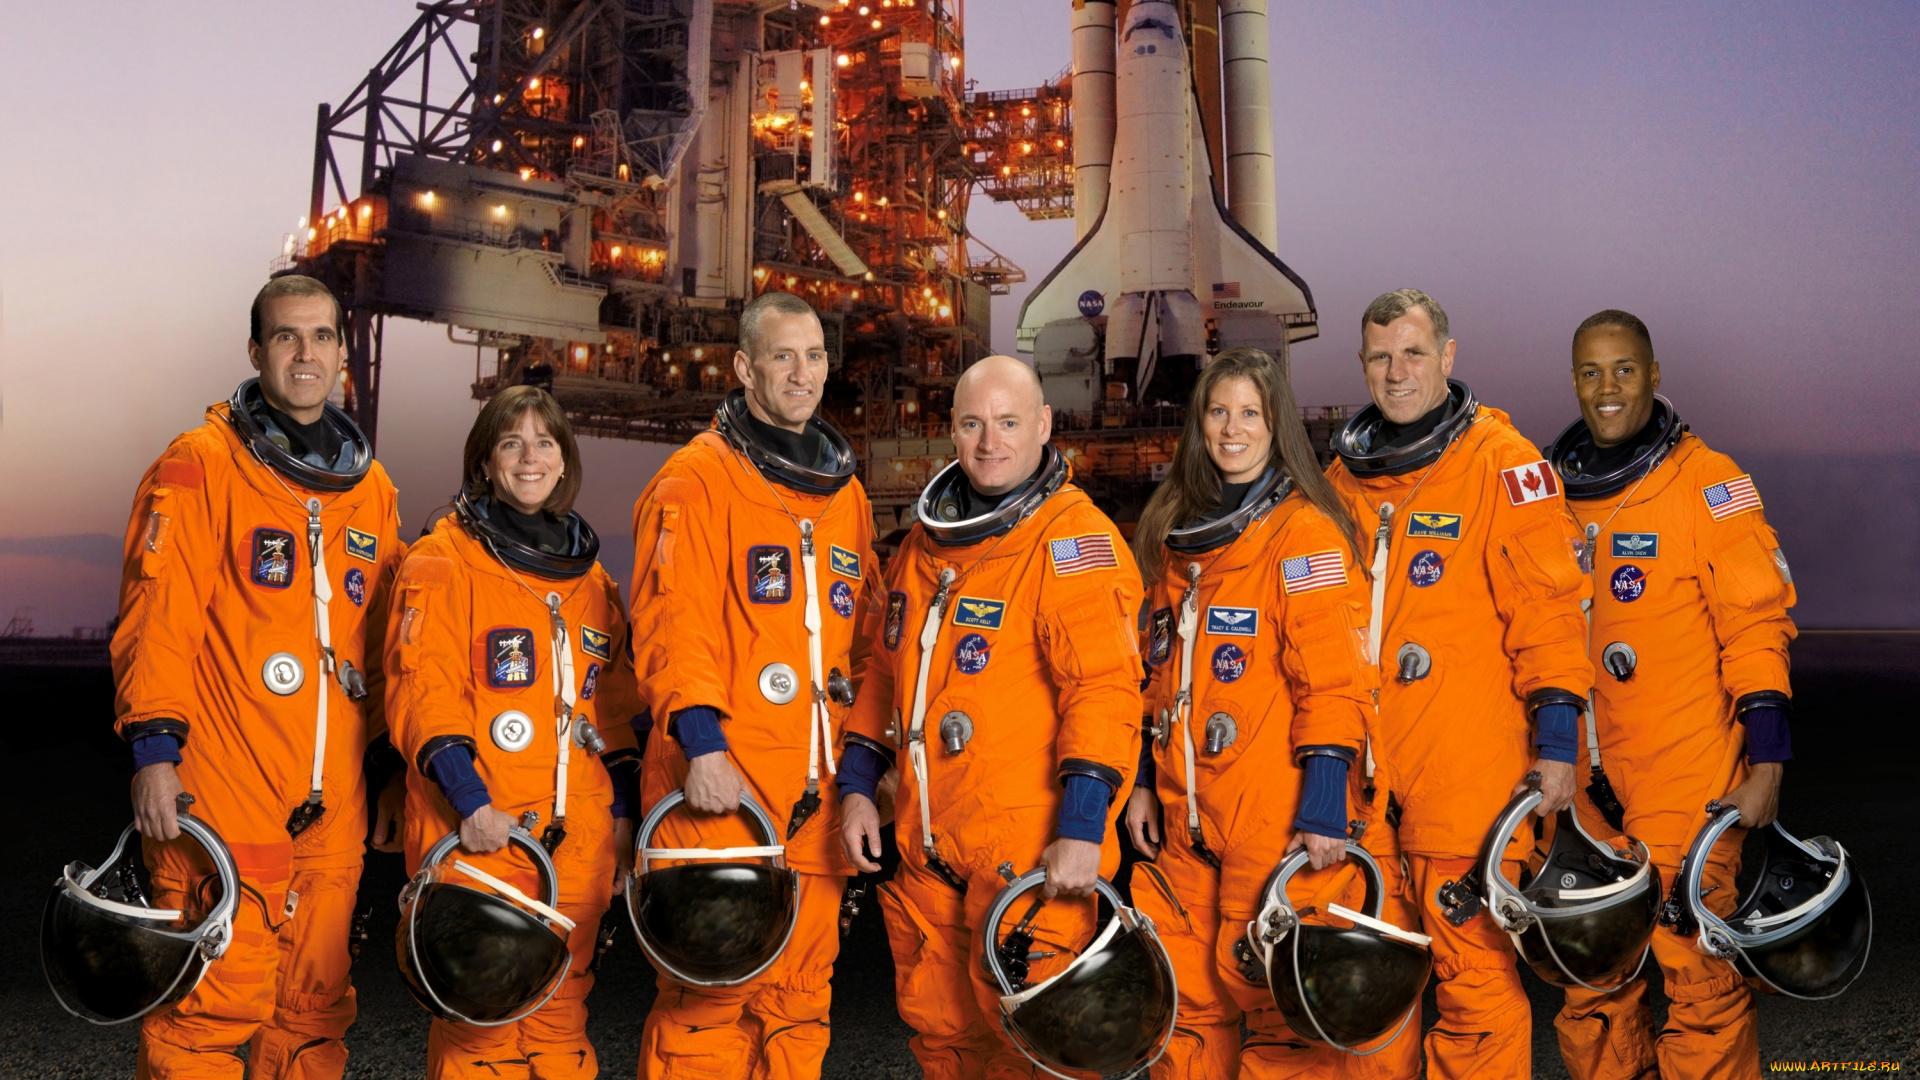 Астронавты экипажей американских шаттлов фото